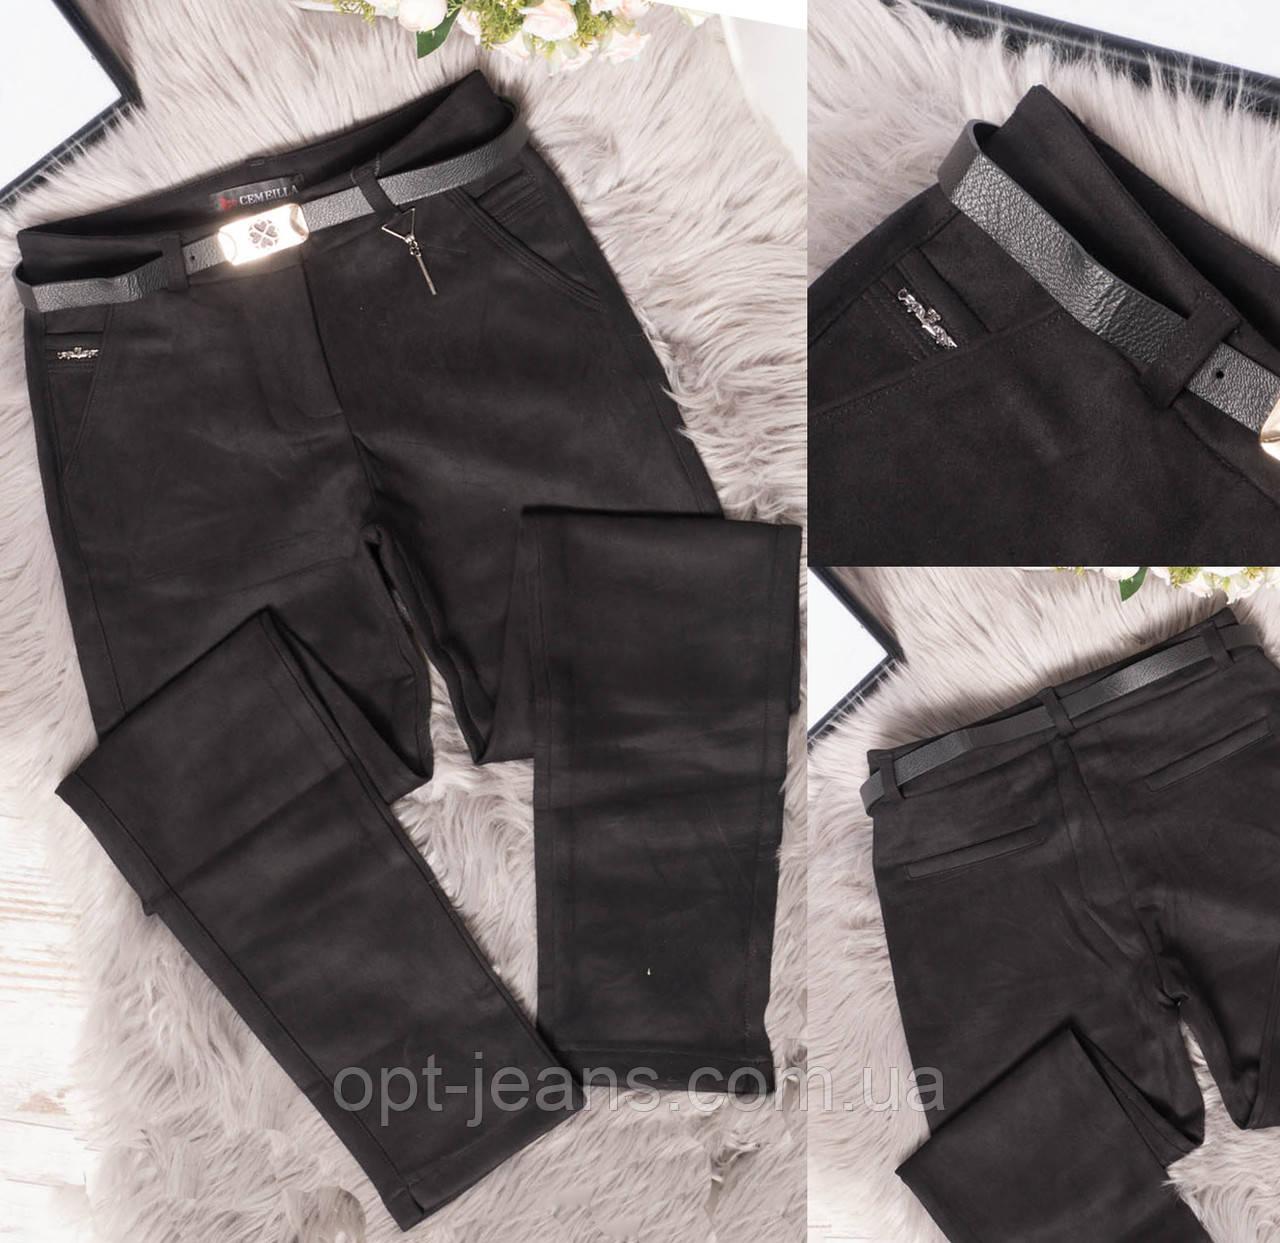 9126-1 Cemeilla джеггинсы замшевые черные весенние стрейчевые (25-30, 6 ед.)